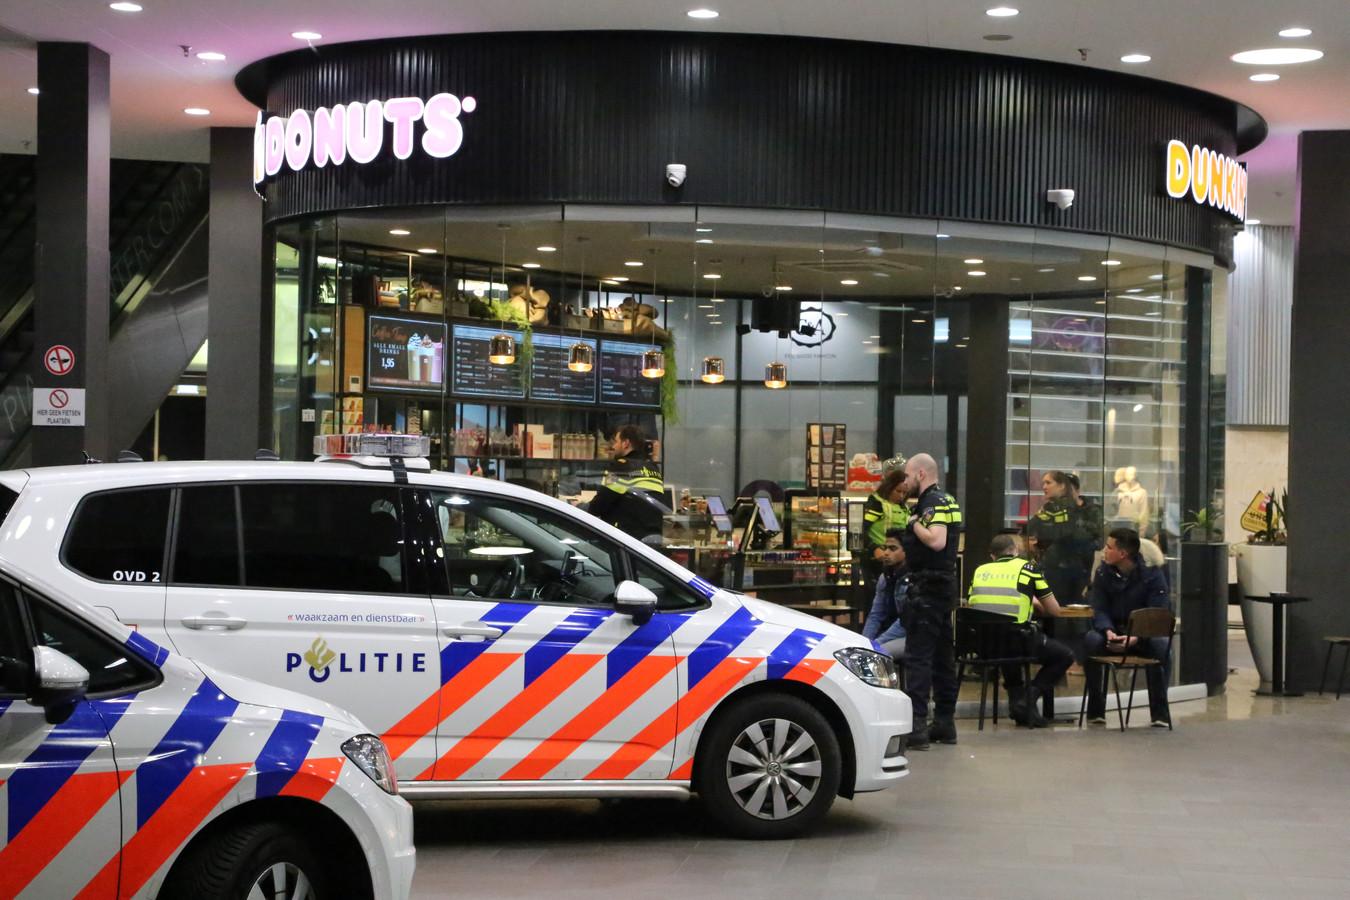 Vlakbij het politiebureau en overduidelijk zichtbaar lijkt de Dunkin Donuts, in de Eindhovense Piazza, geen aangewezen plek voor misdaad. Toch werd er afgelopen Oudjaarsnacht ingebroken. Eerder sloeg ook de beruchte Rasta-overvaller er toe (foto).